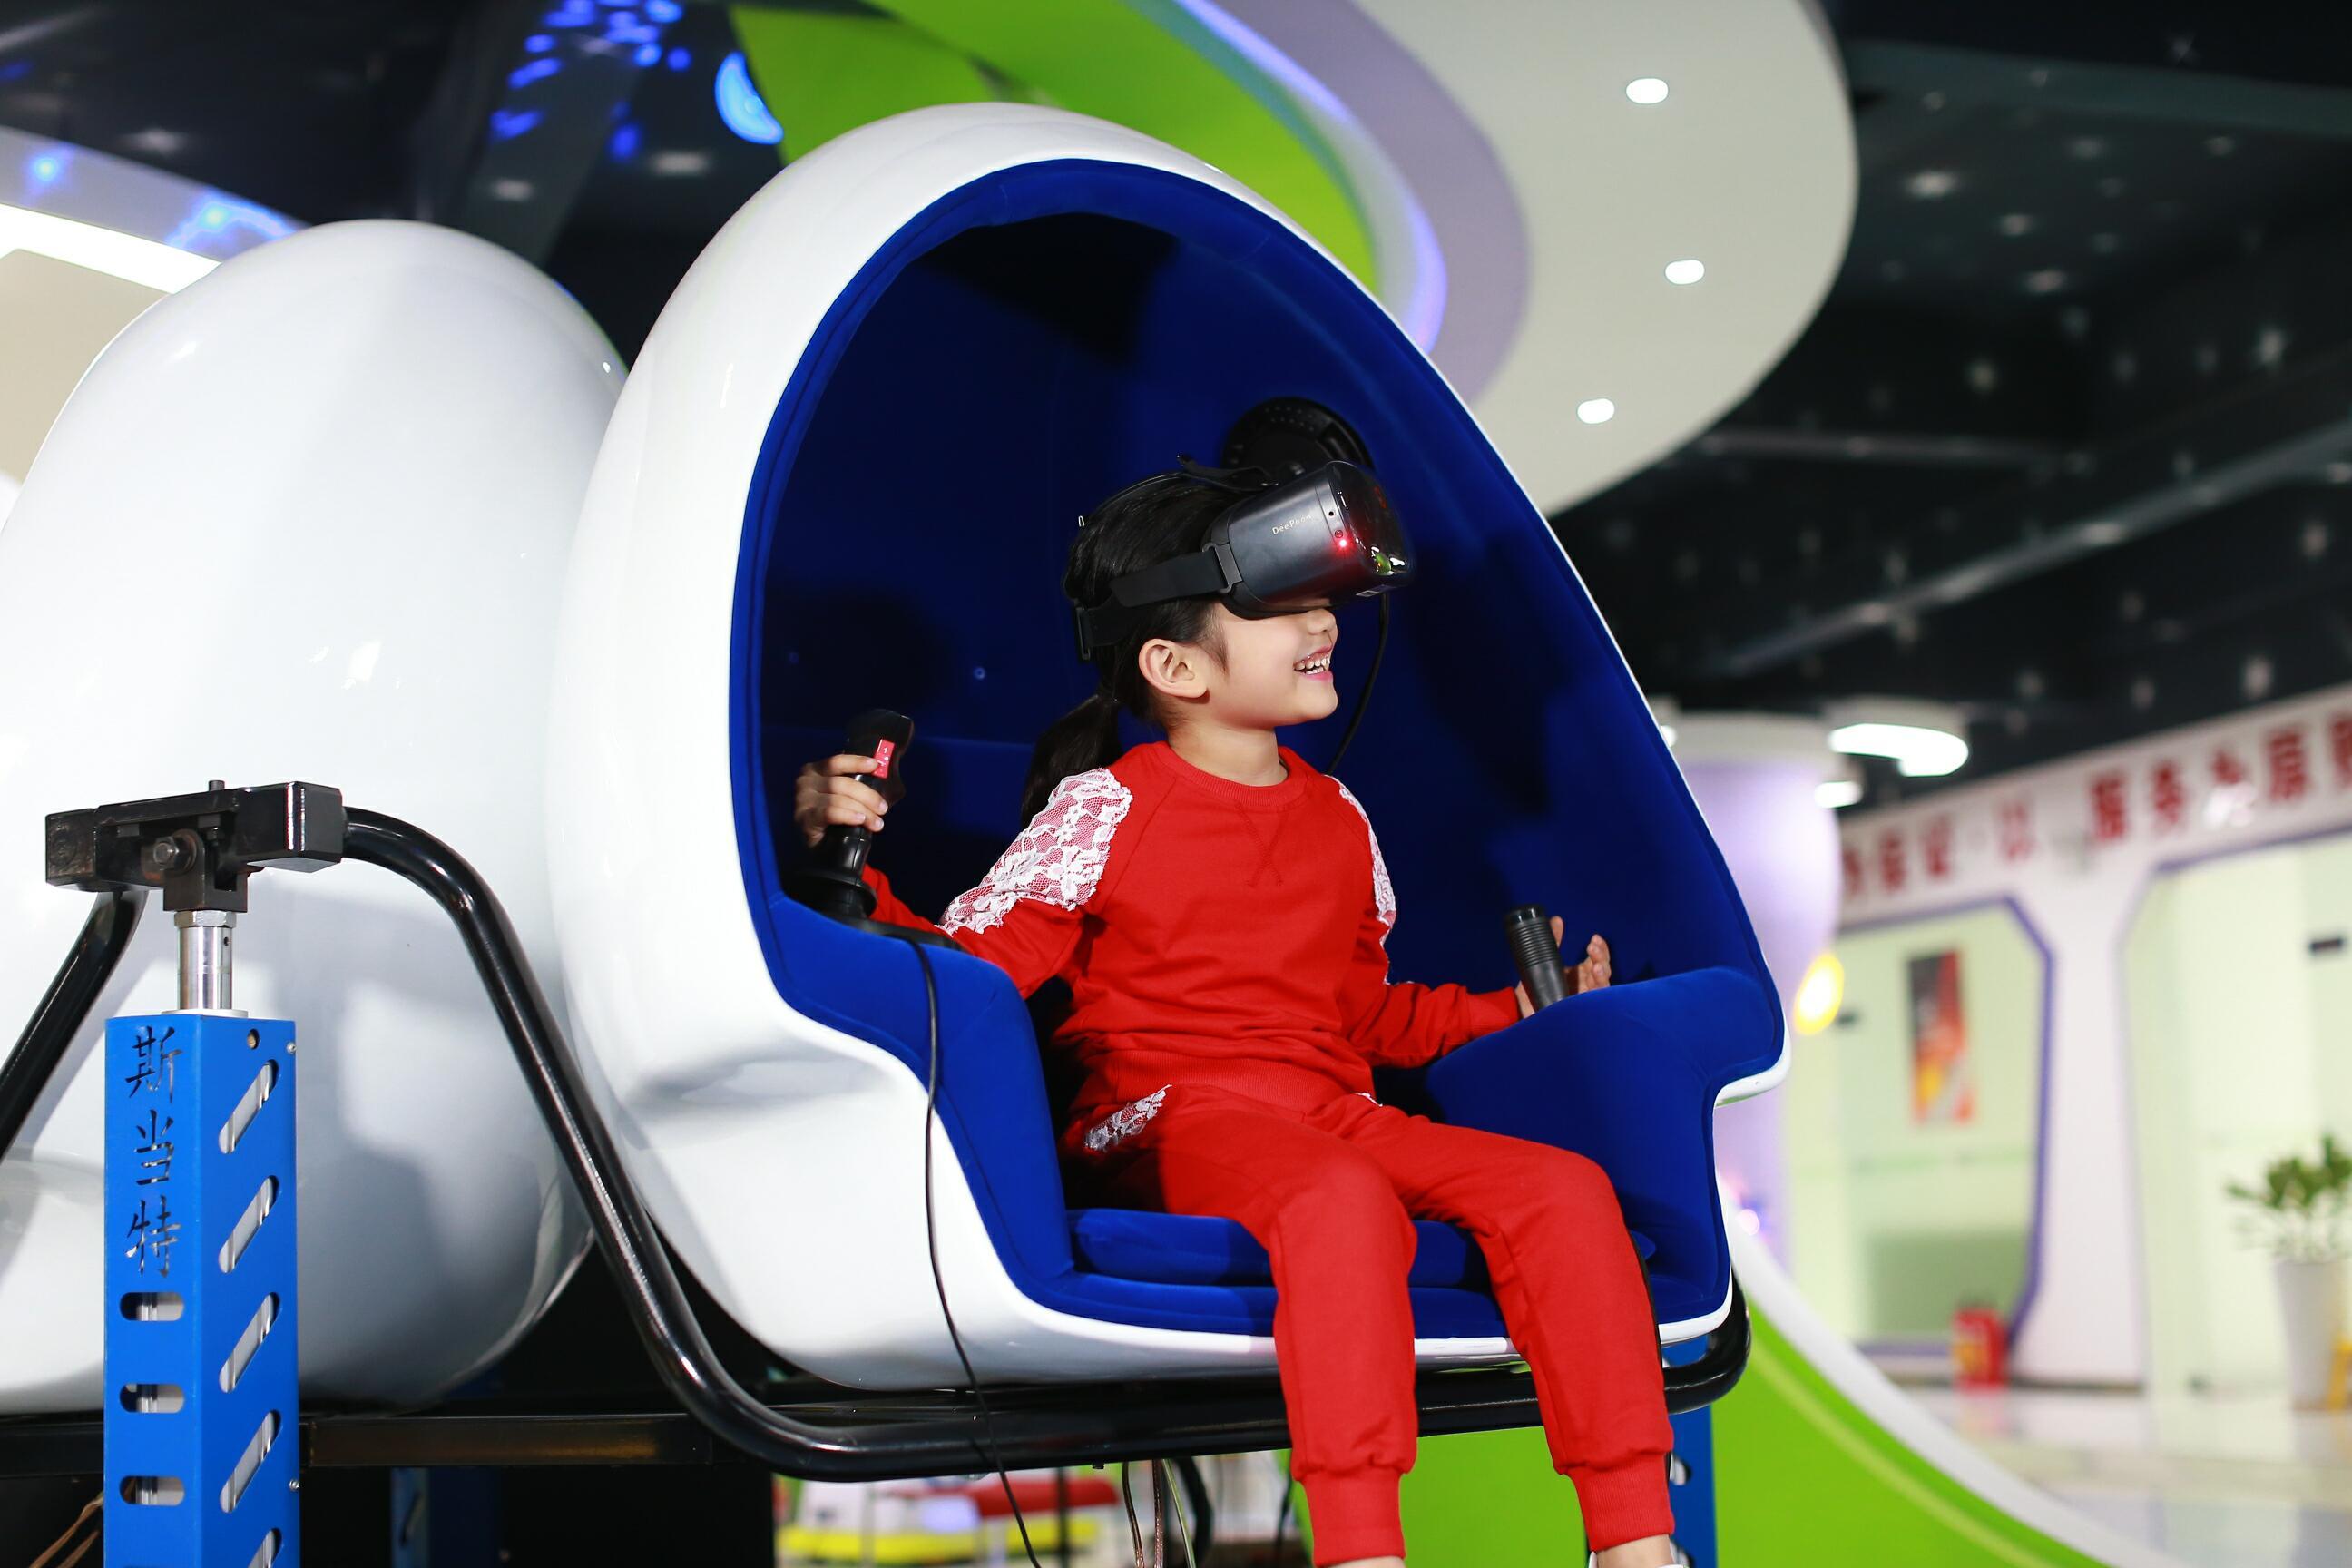 儿童乐园设备保养该怎么做